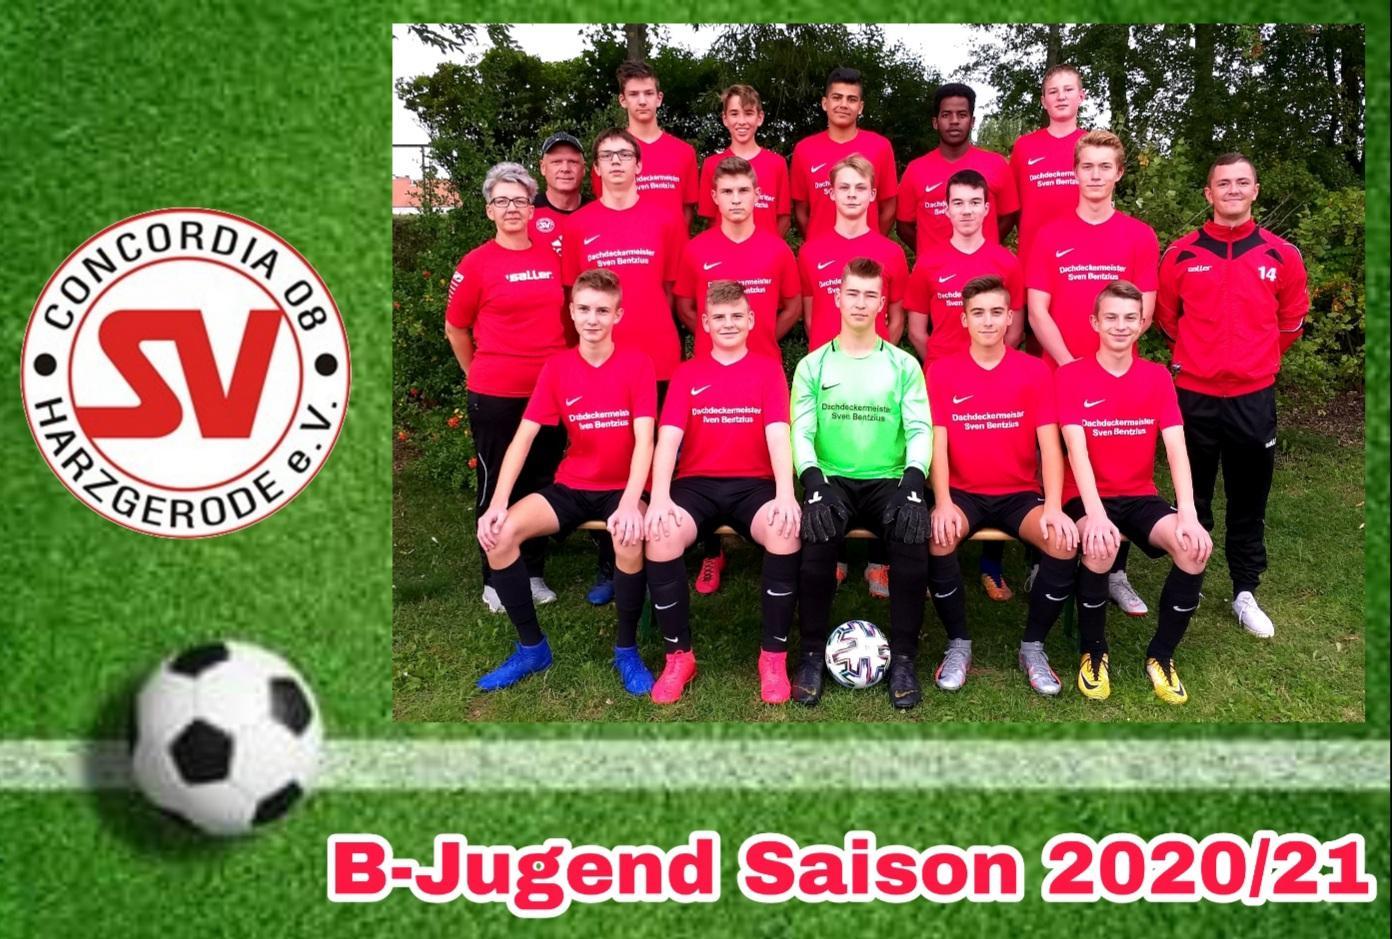 B-Jugend Saison 2020/21